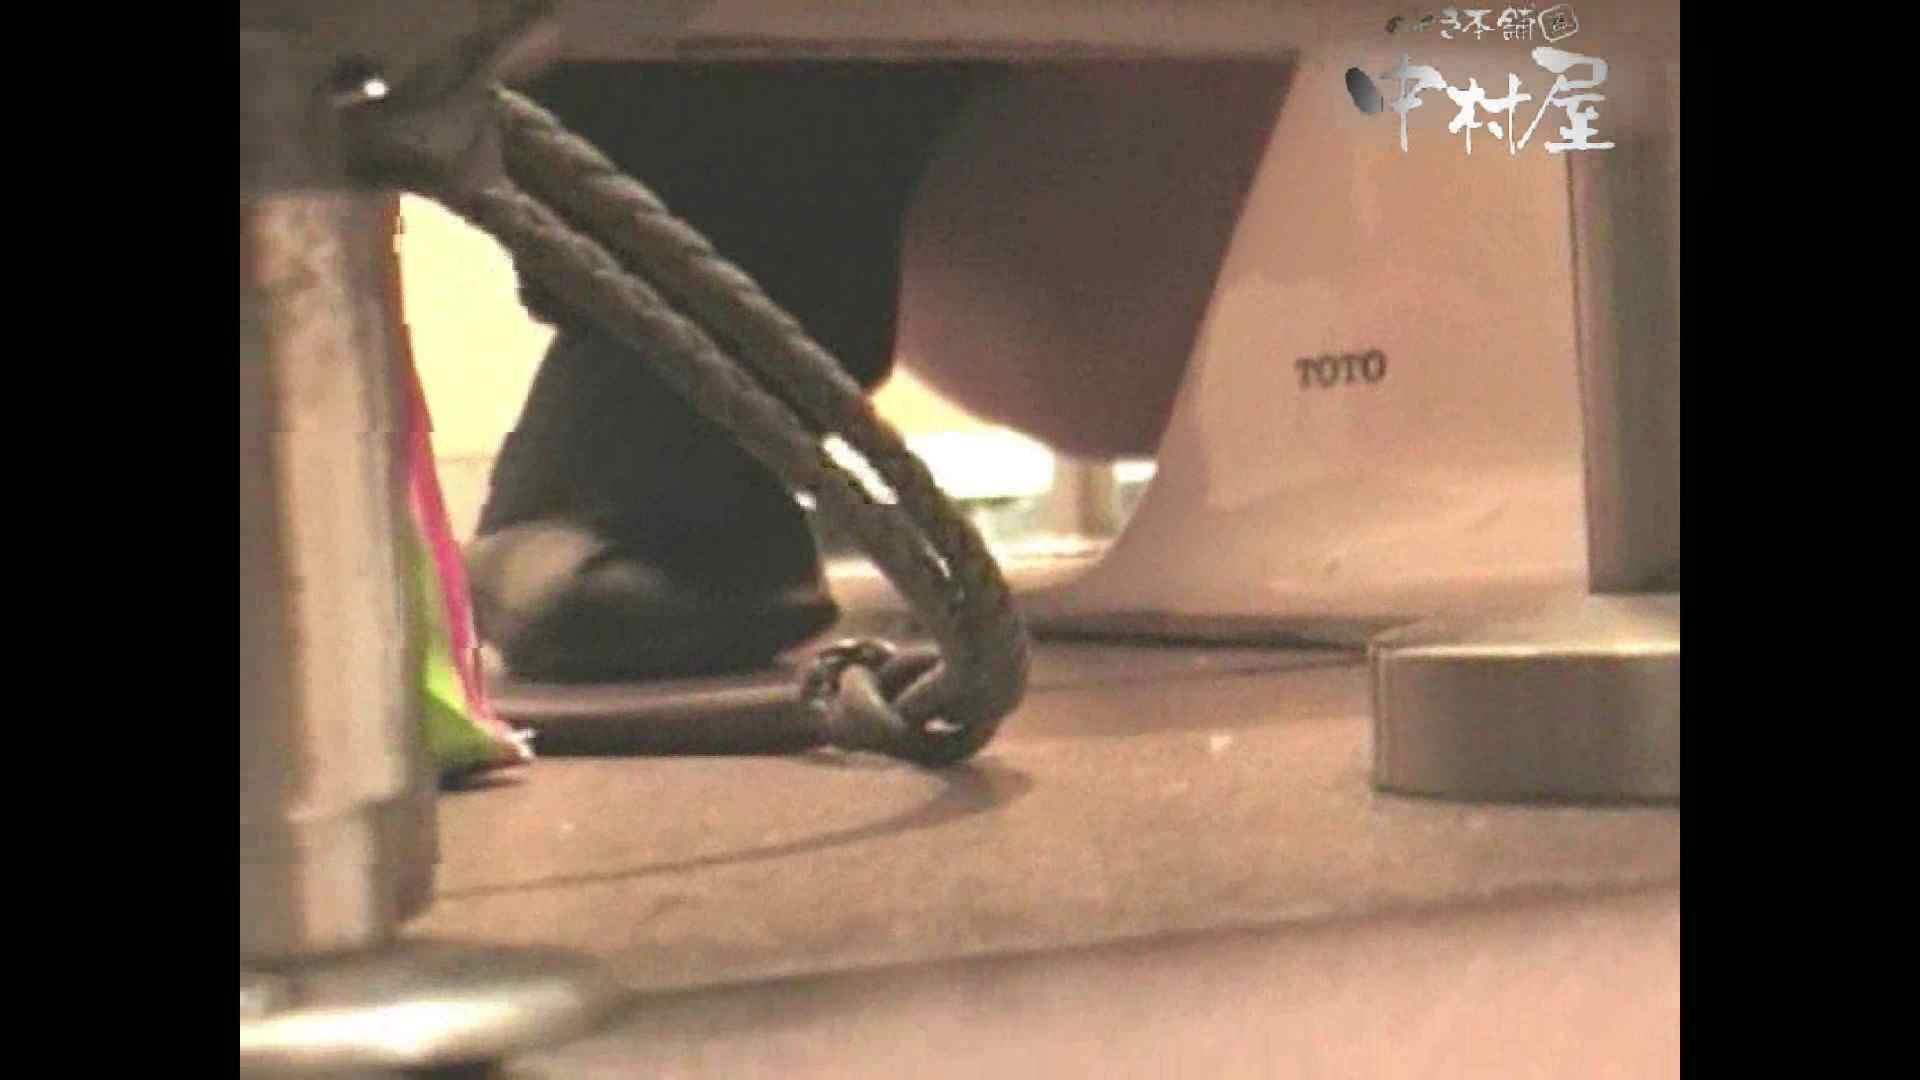 岩手県在住盗撮師盗撮記録vol.04 オマンコ特集 エロ画像 98pic 5